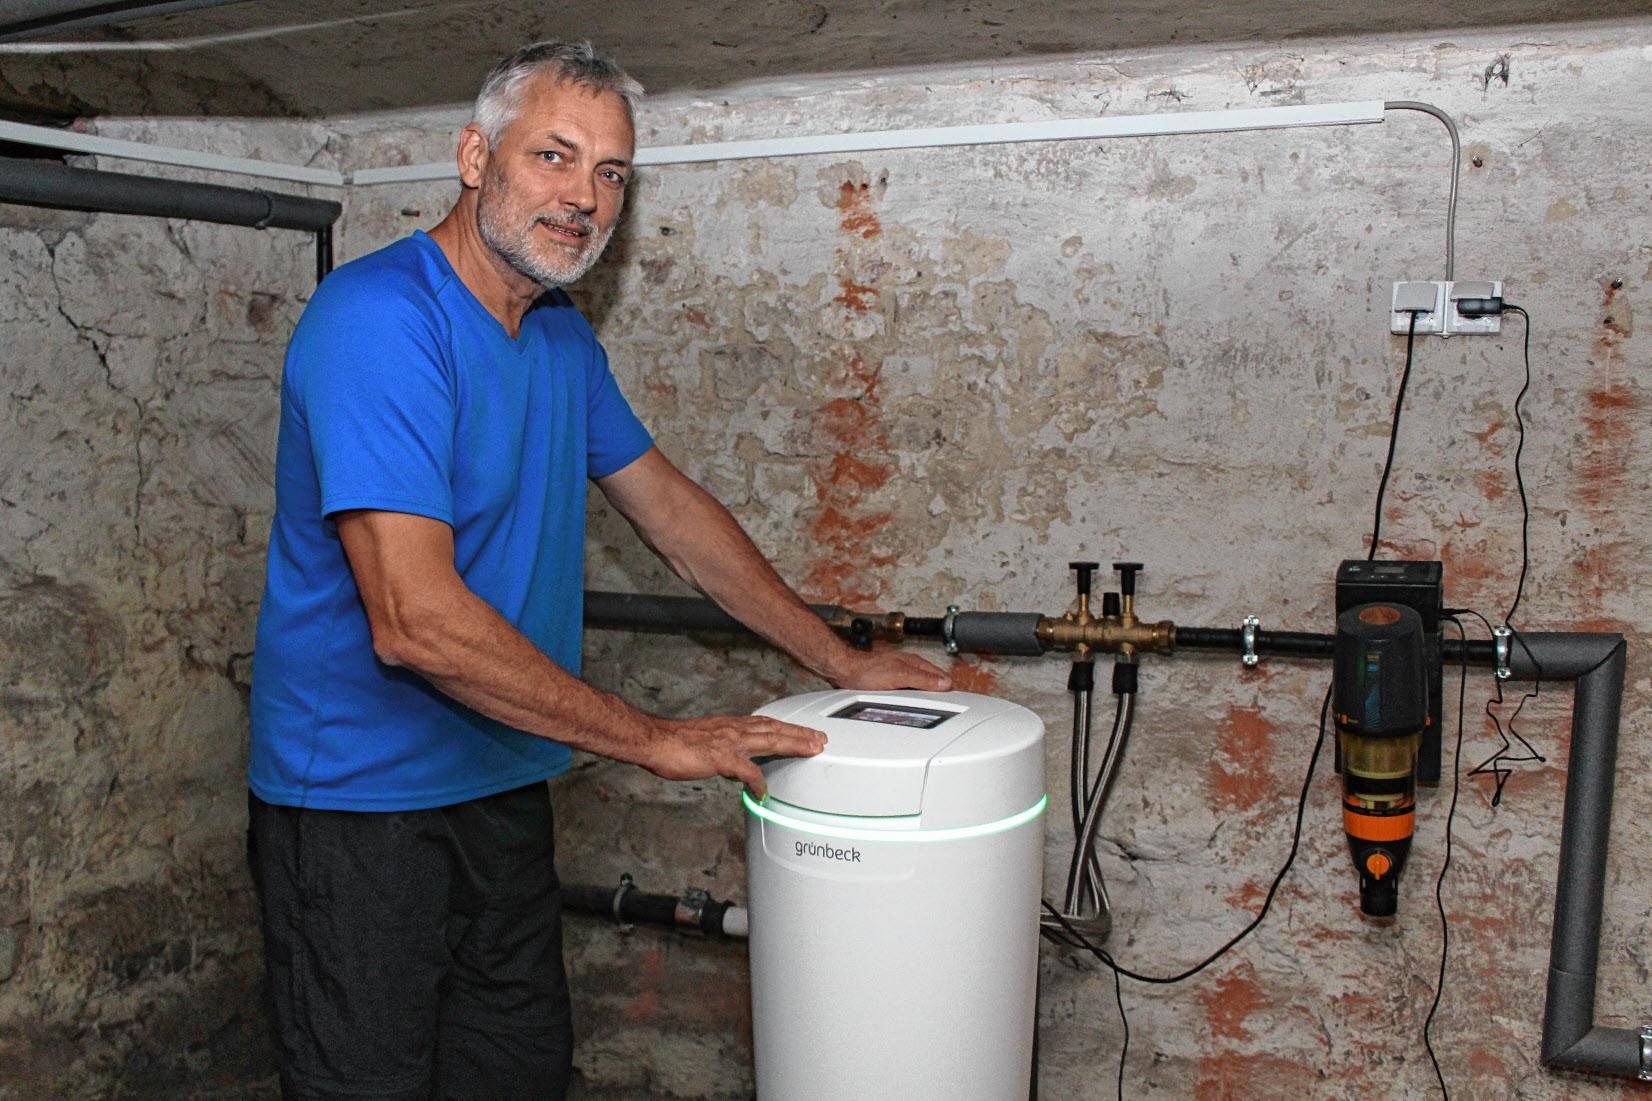 Die Entkalkungsanlage bereitet das Trinkwasser im Haus auf und befreit es von Kalk, erläutert Sven Munko. FOTO: RONNEY MENZE